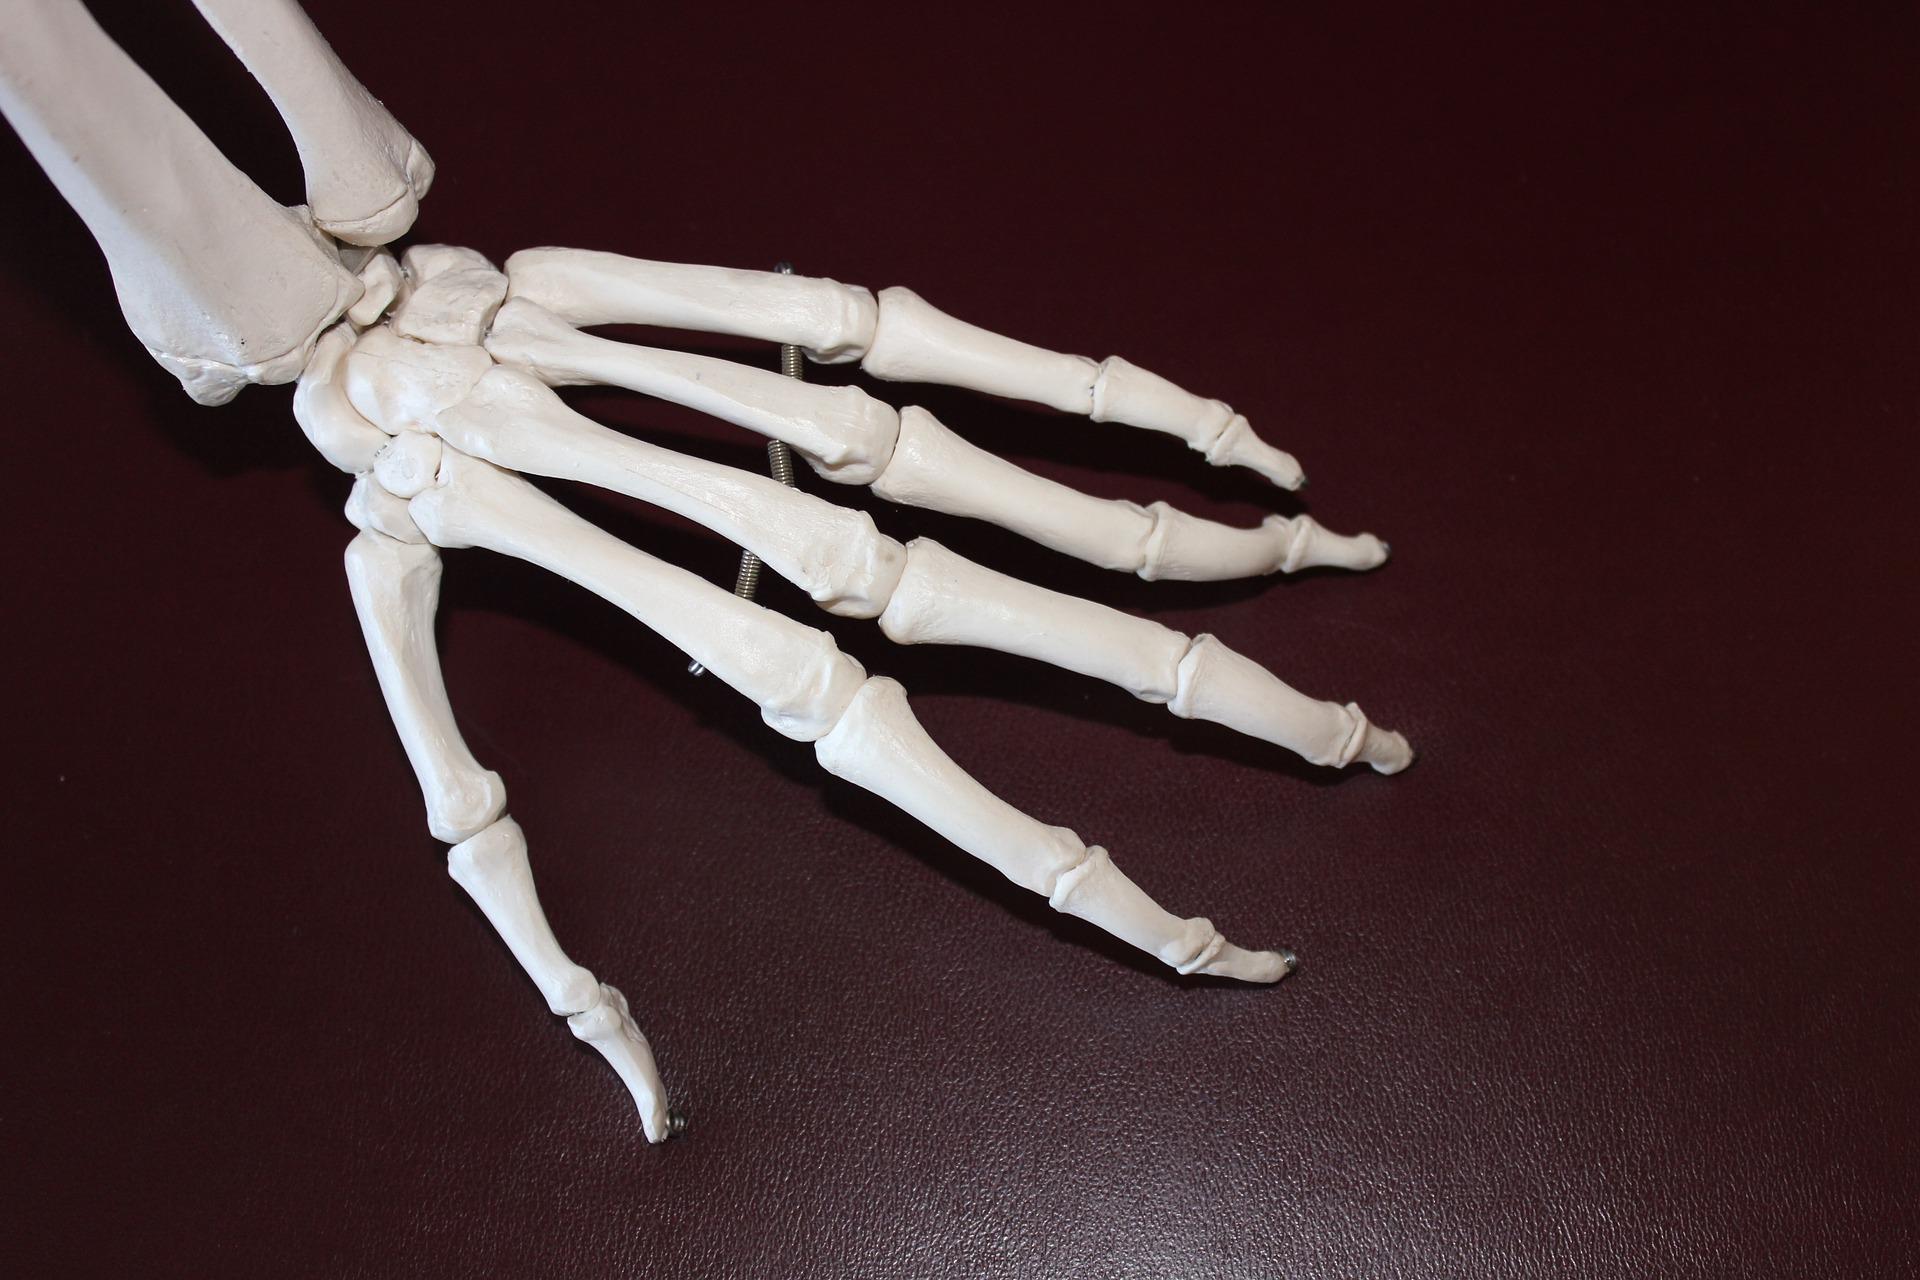 関節リウマチは放っておくと関節で腫れや痛みが生じる病気です